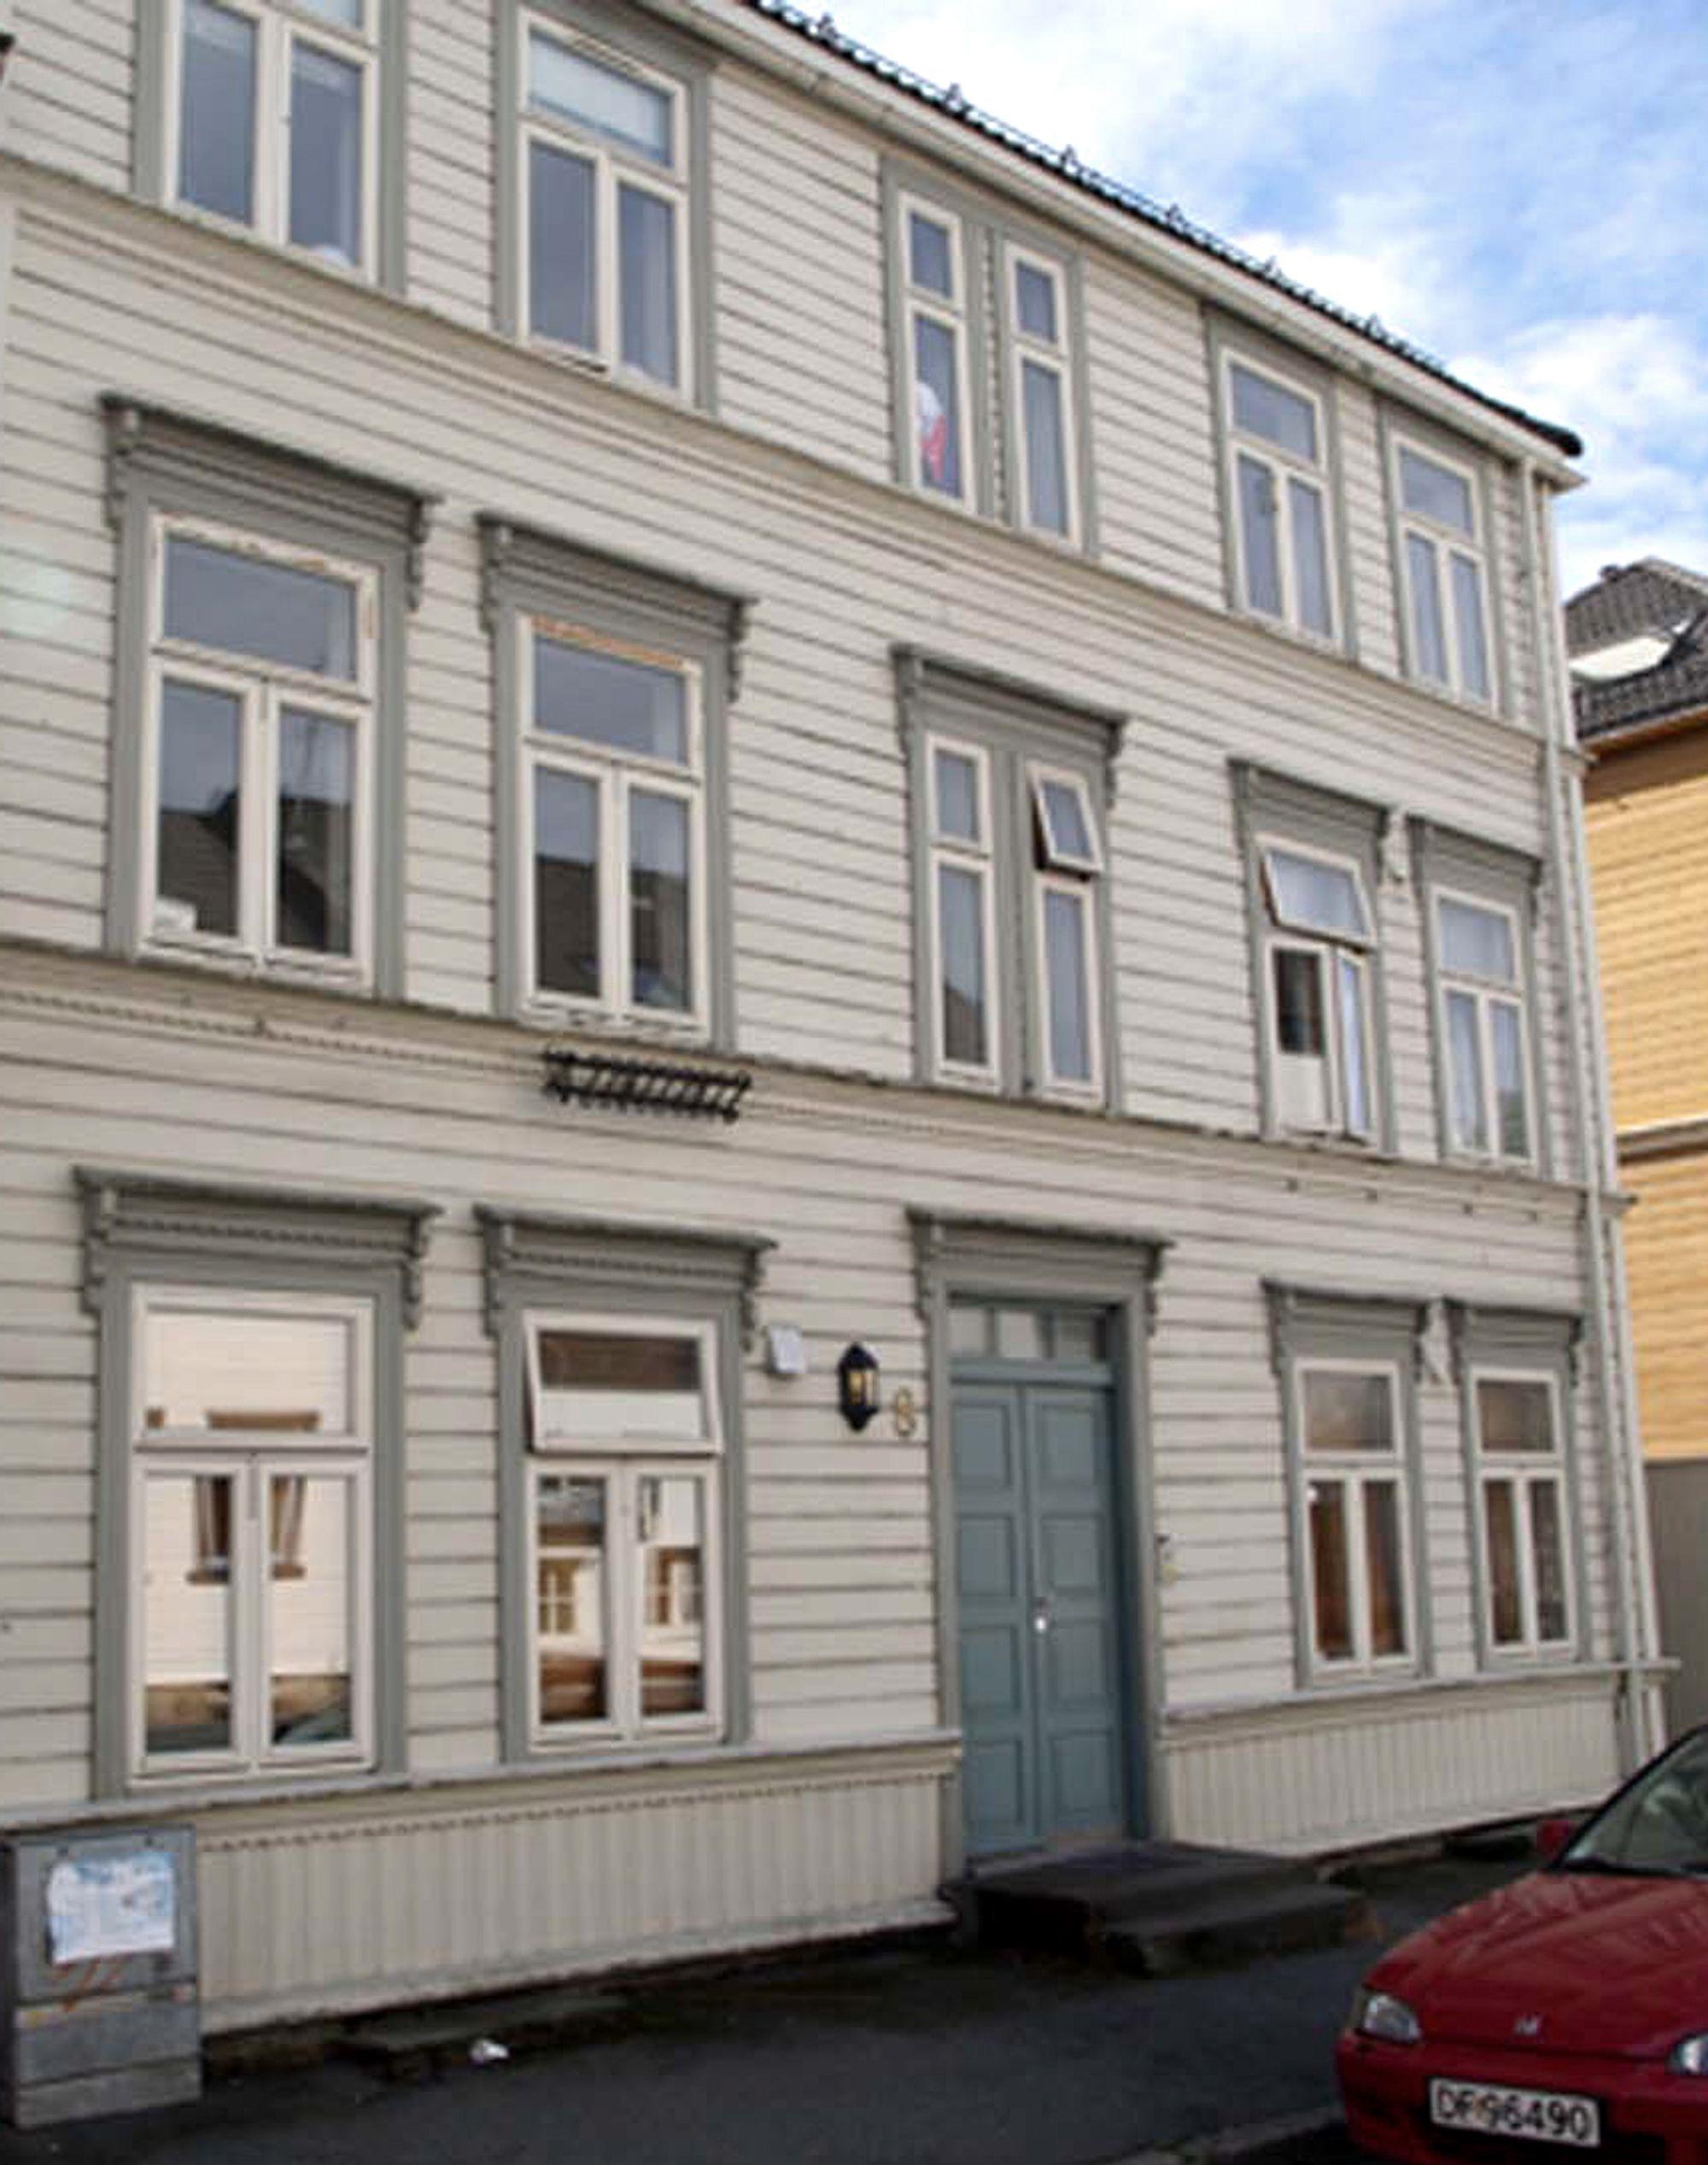 Dette er et av husene som skal ut på tur til sommeren. Når det kommer fram til bestemmelsesstedet, blir det stående 2-3 år før det flyttes tilbake.